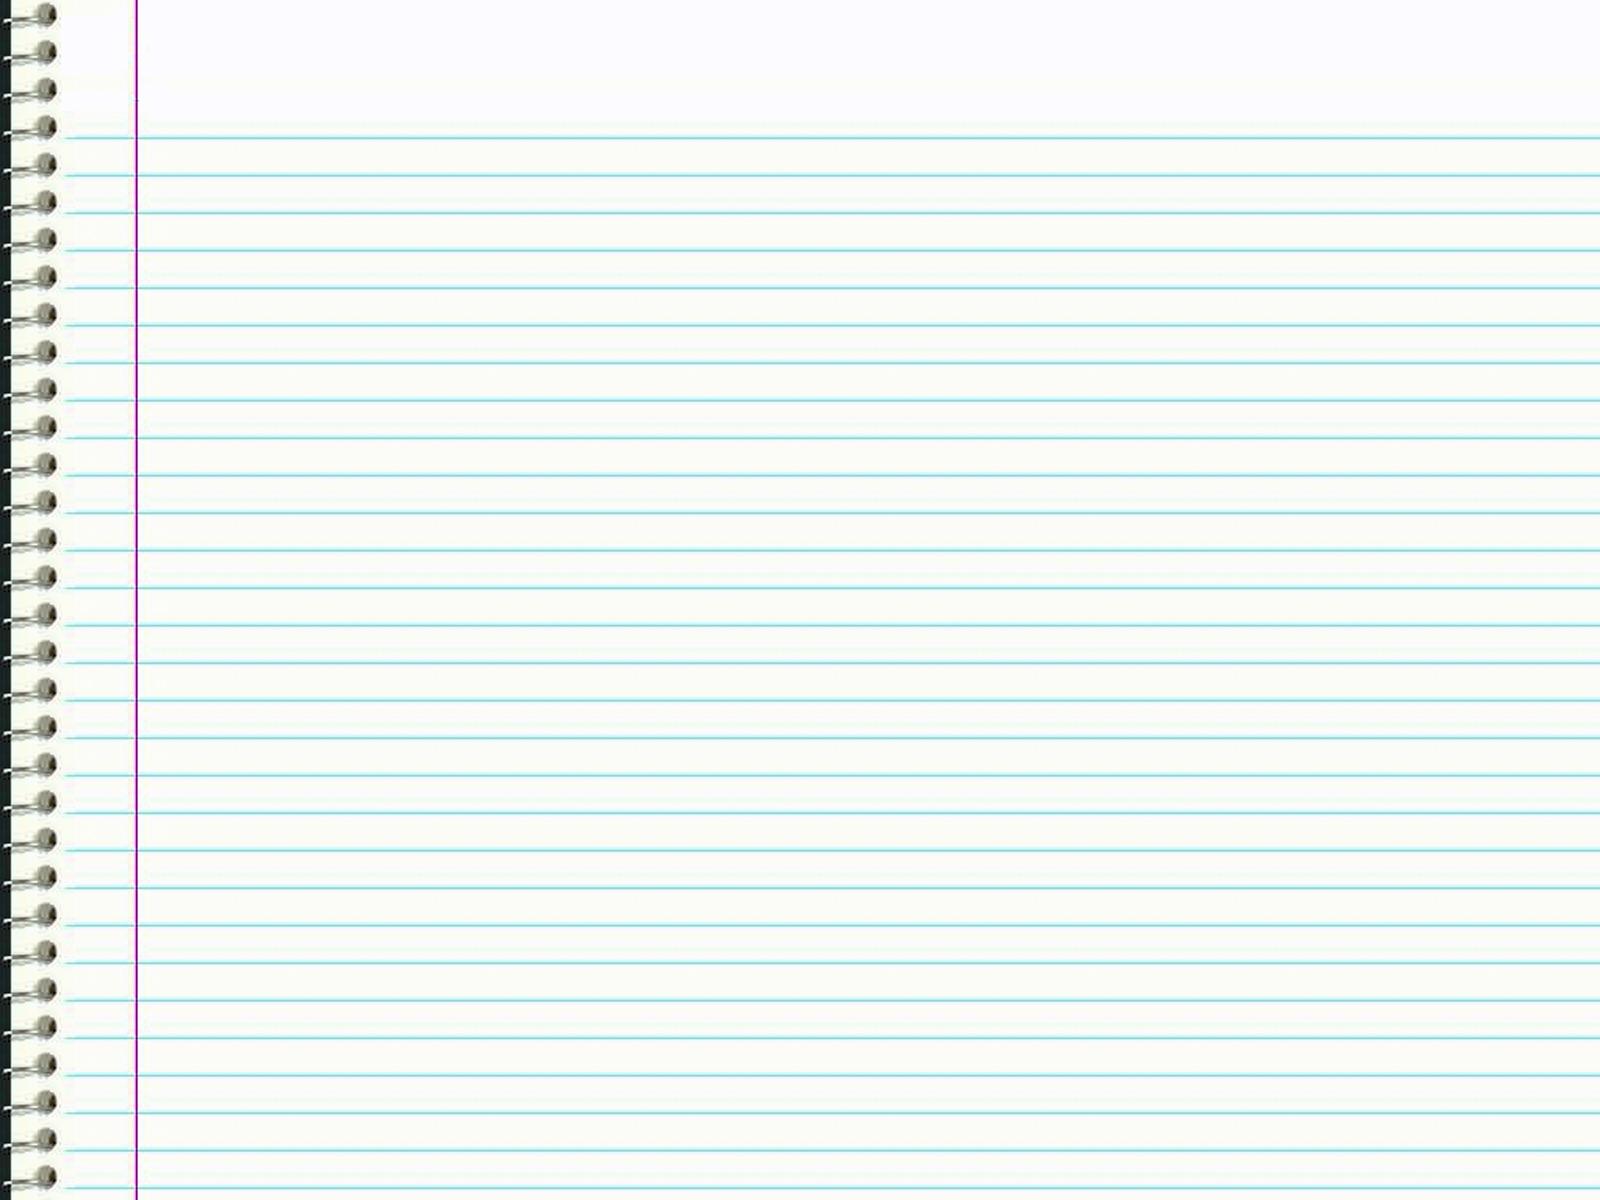 Notebook Paper Wallpaper - WallpaperSafari